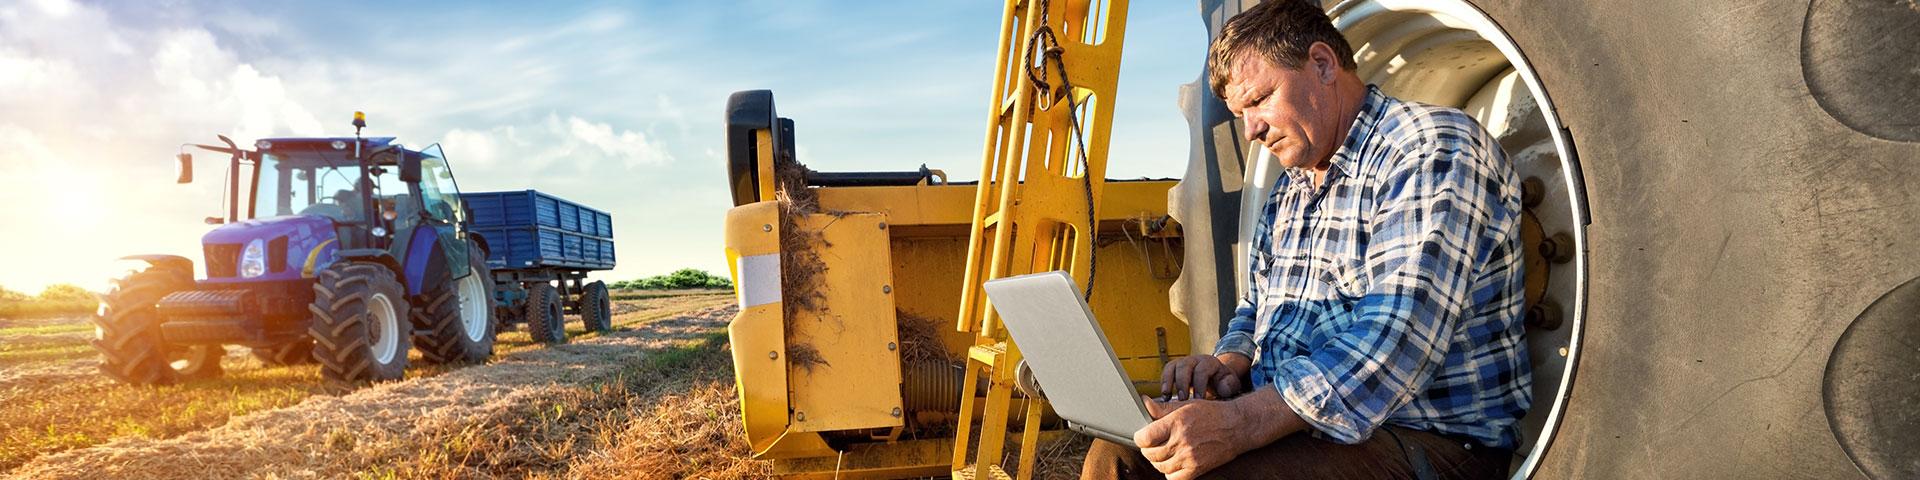 Bedrijfssoftware voor groen, grond en infra